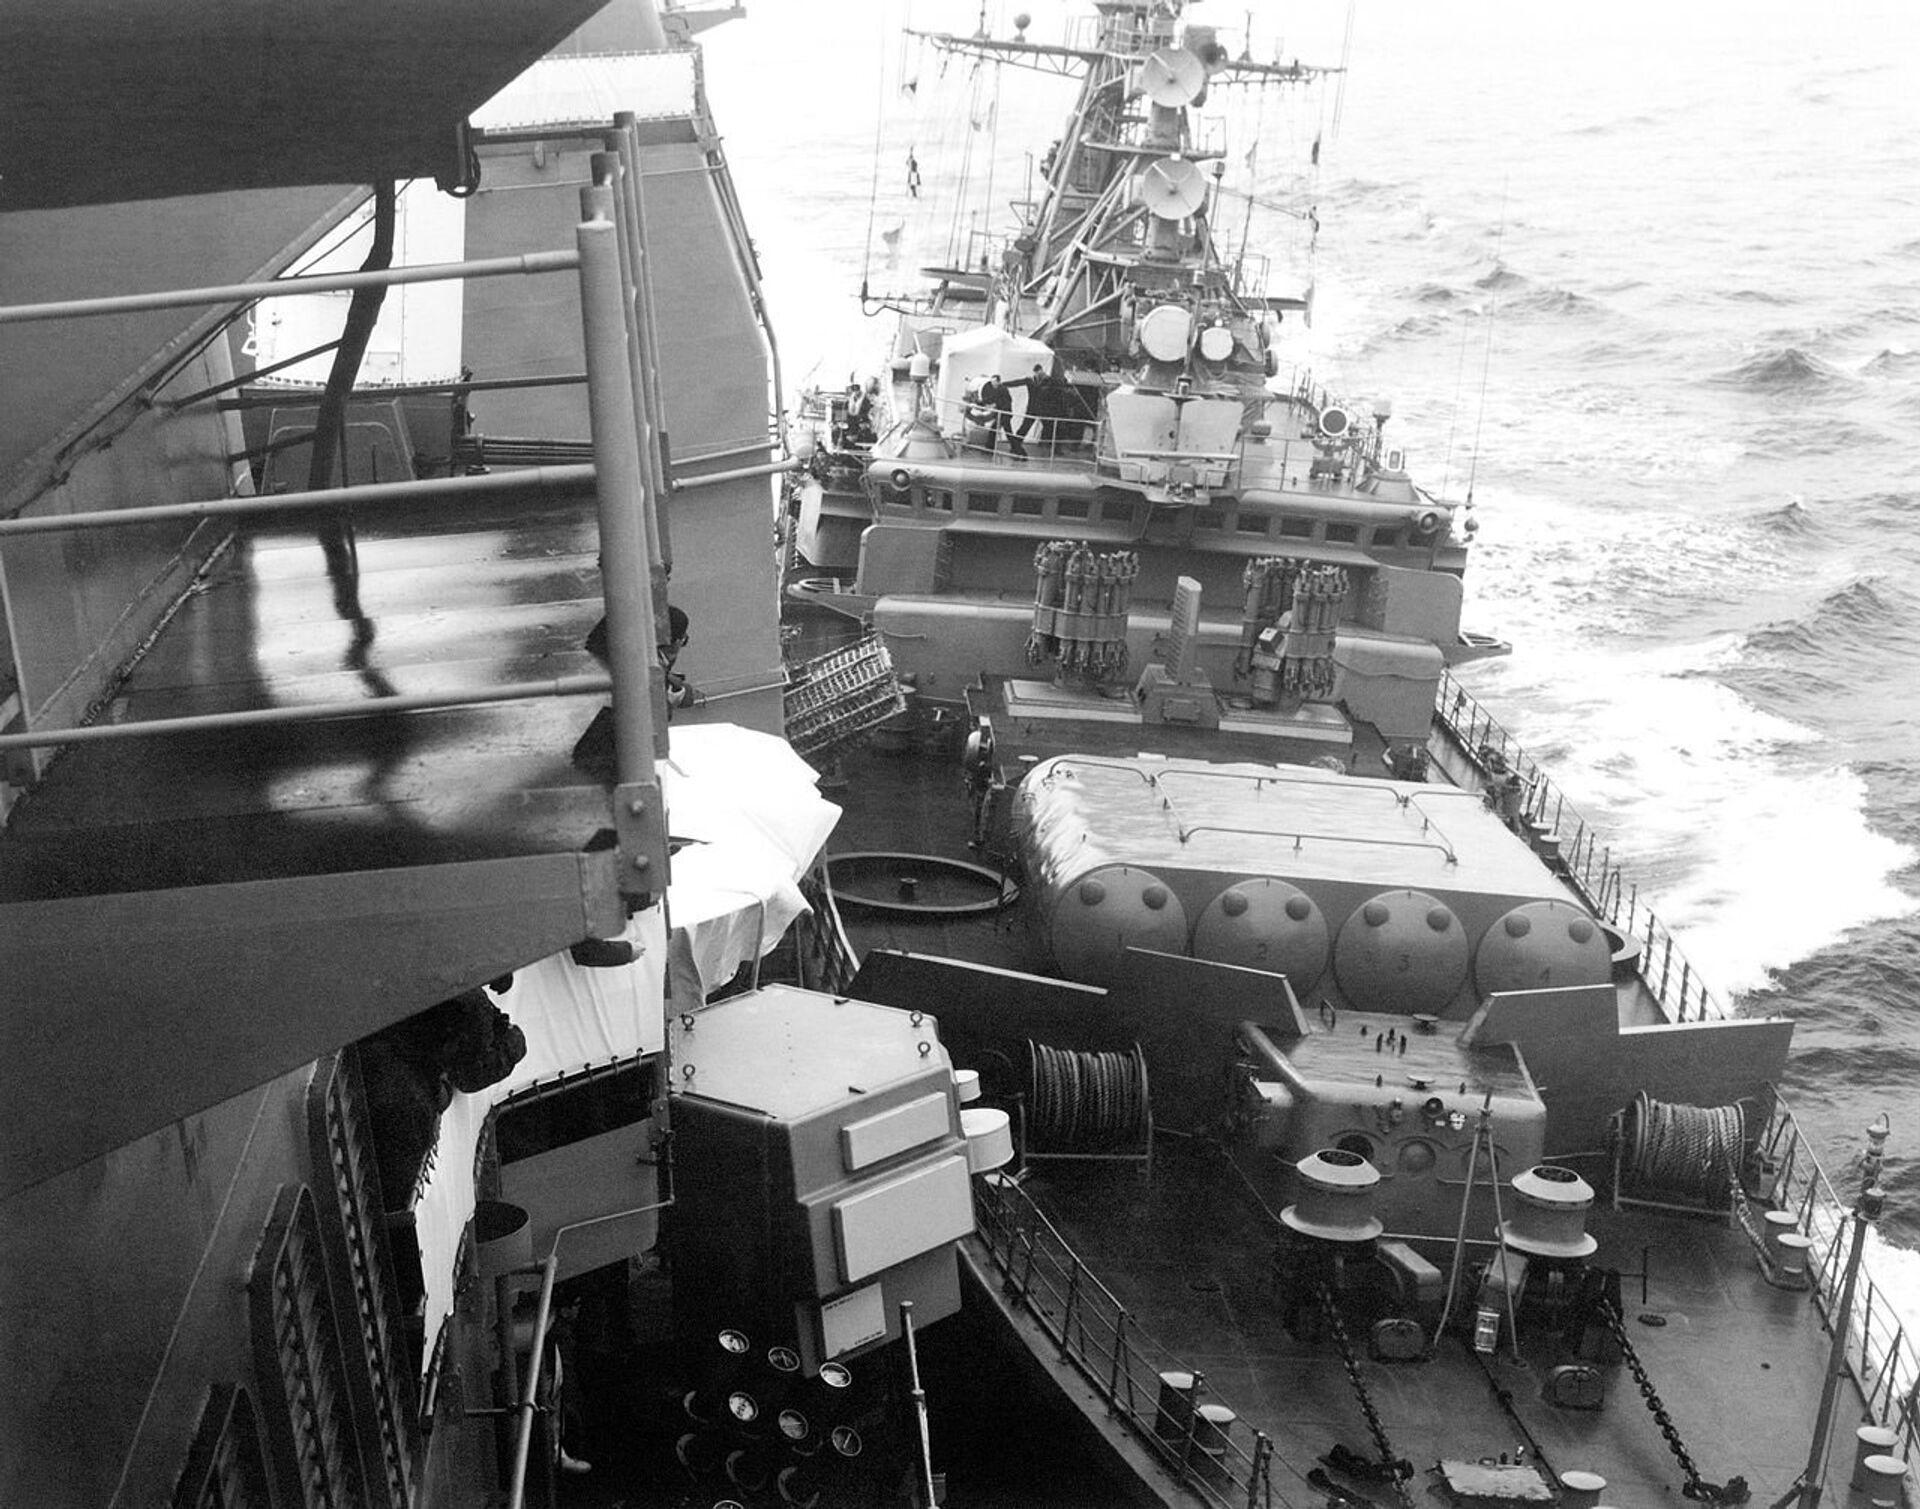 Сторожевой корабль Черноморского флота Беззаветный таранит американский ракетный крейсер Йорктаун . 12 февраля 1988 года - РИА Новости, 1920, 23.06.2021